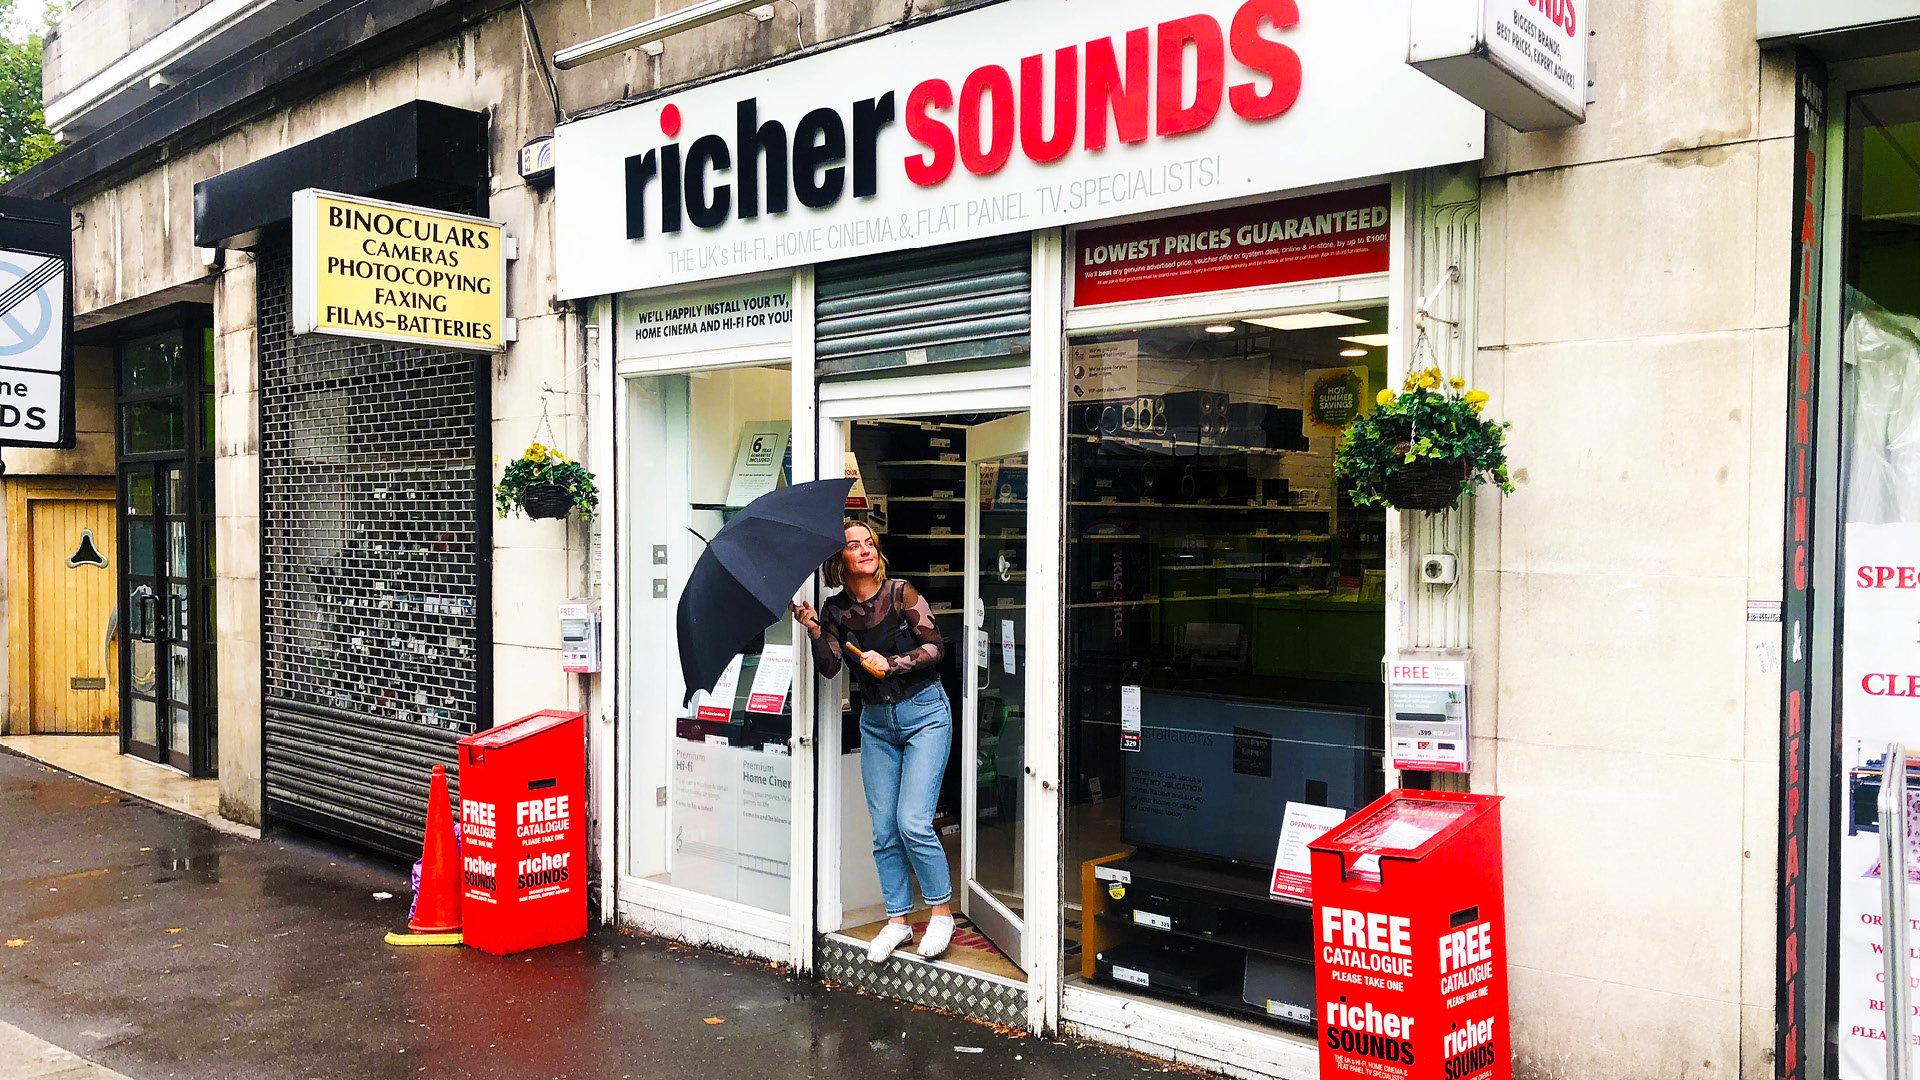 Quinine_Design_Richer_Sounds1